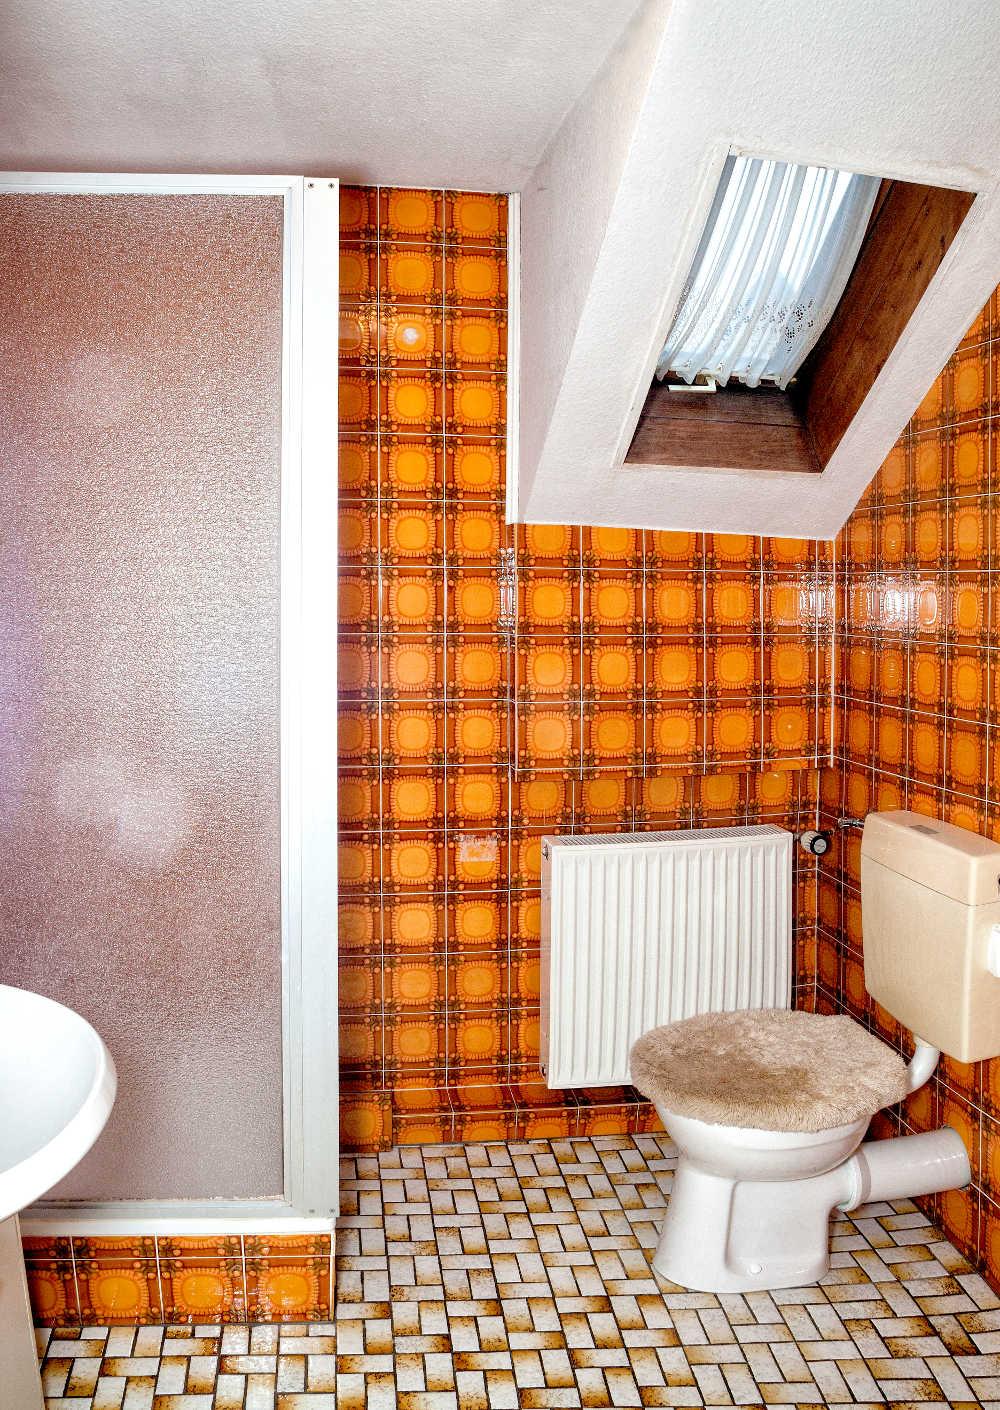 wohlfühlbad auf kleinster fläche verwirklichen, Badezimmer ideen